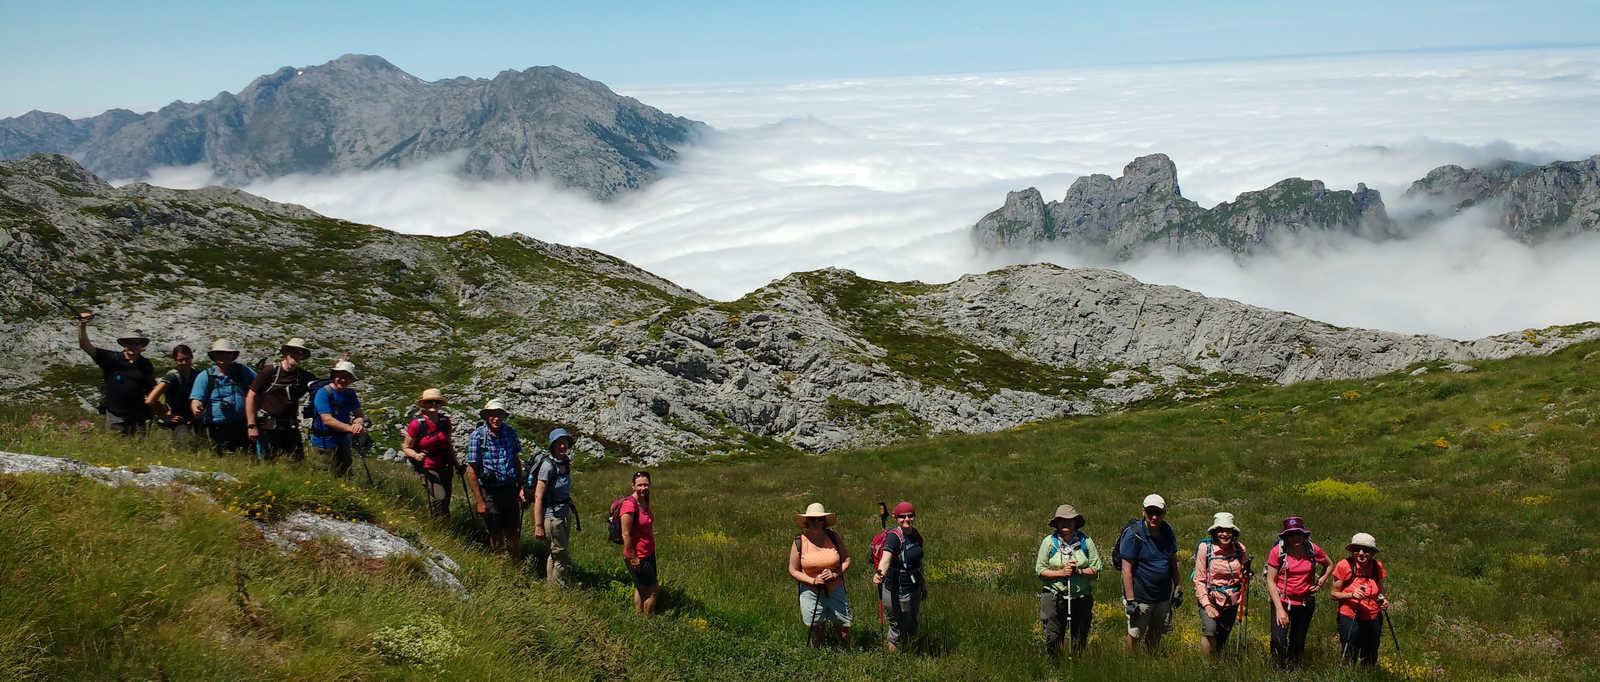 Group photo, La Mesa clouds, Spain